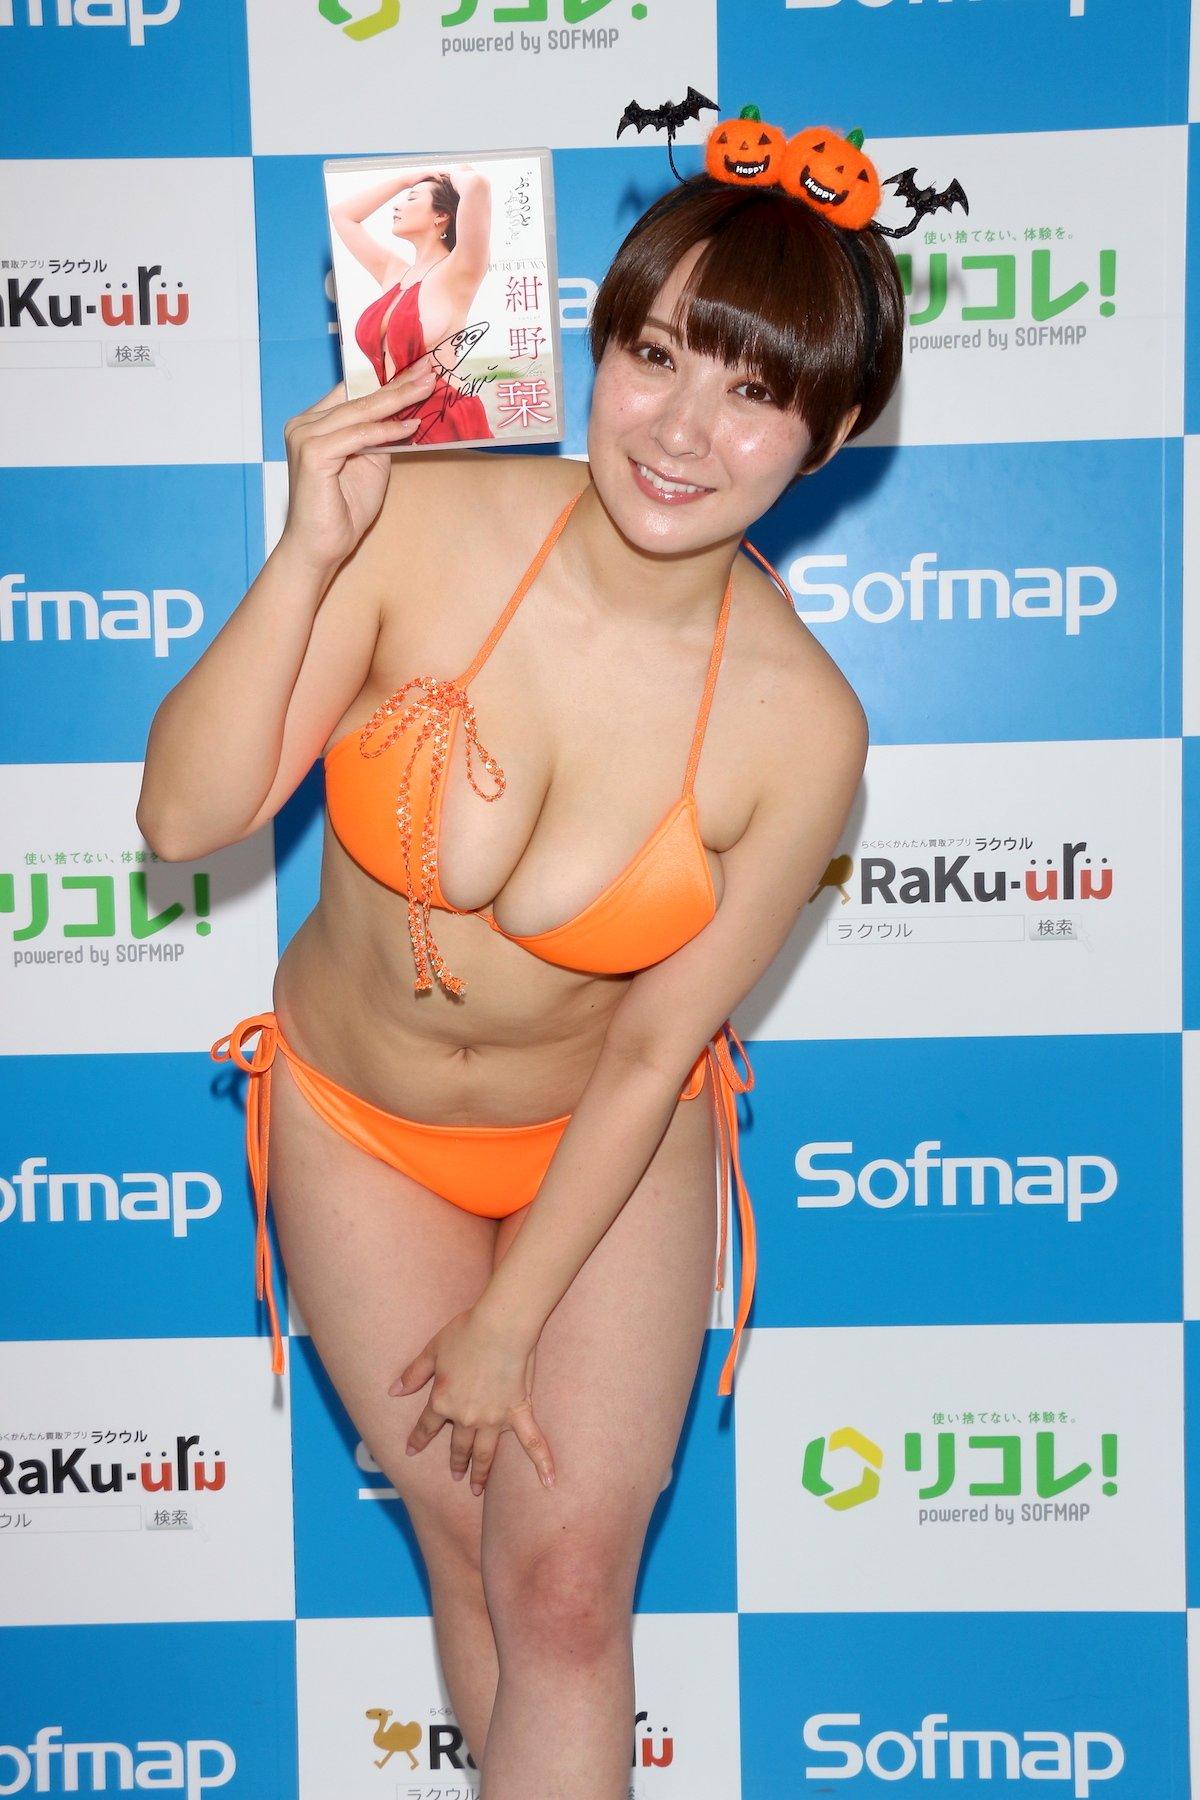 紺野栞「SM嬢に初挑戦」ムチを覚えて感動しました【画像49枚】の画像046